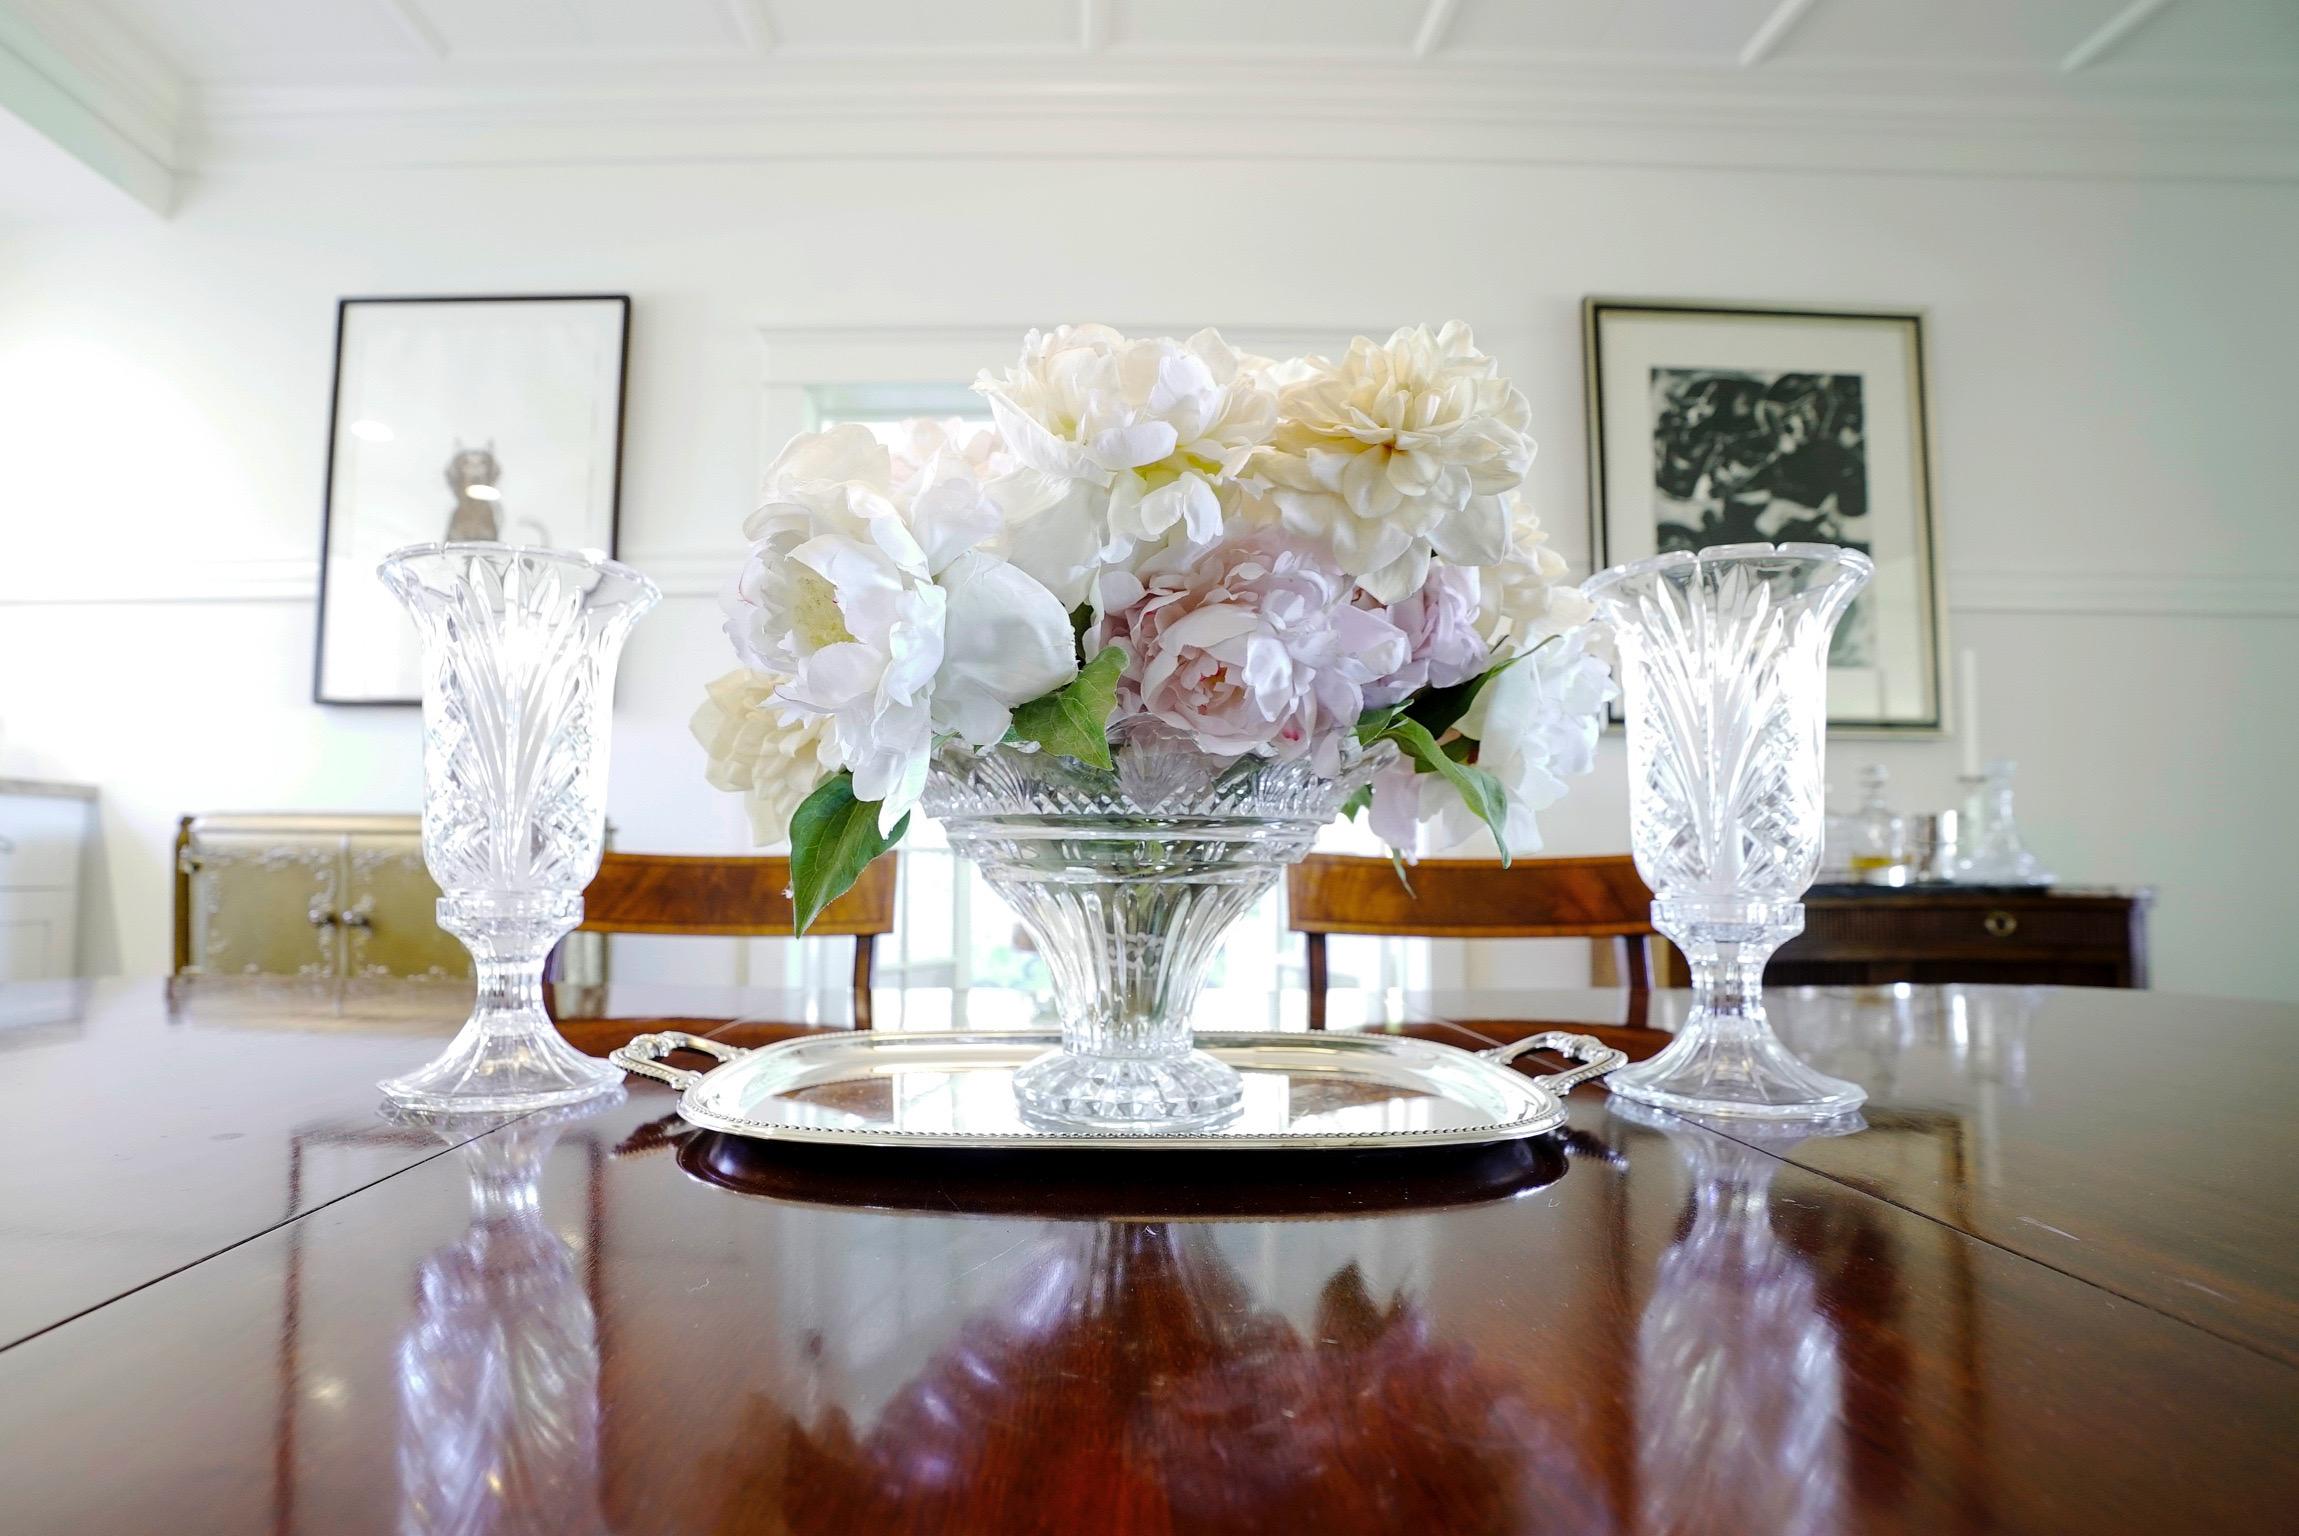 Dining Room Flowers.jpeg